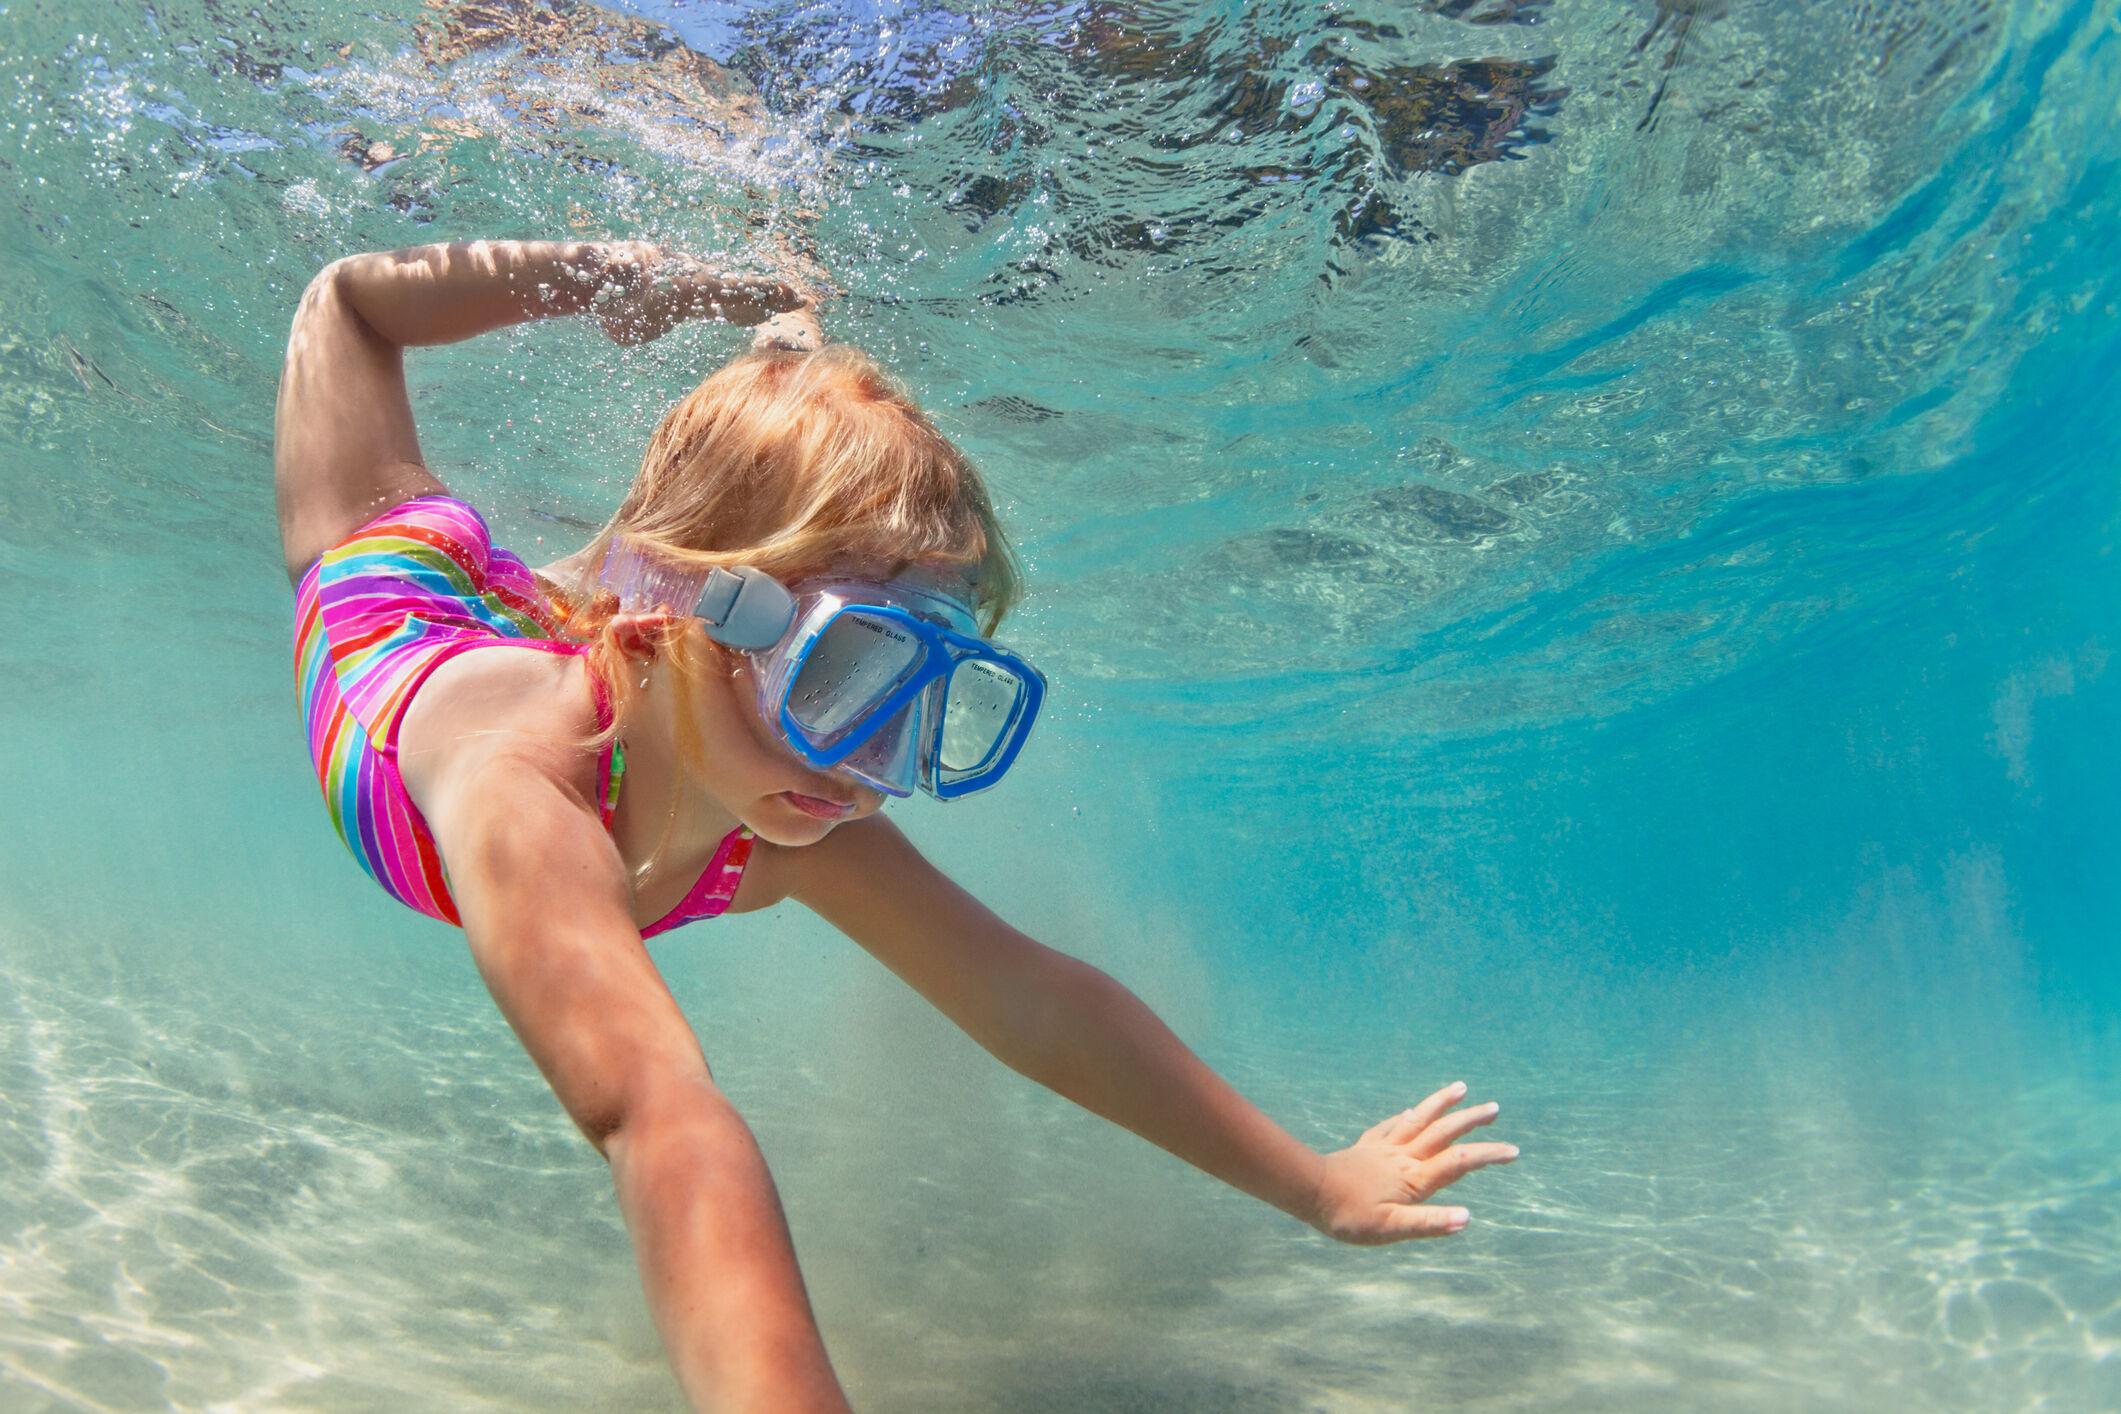 Criança mergulhando na piscina